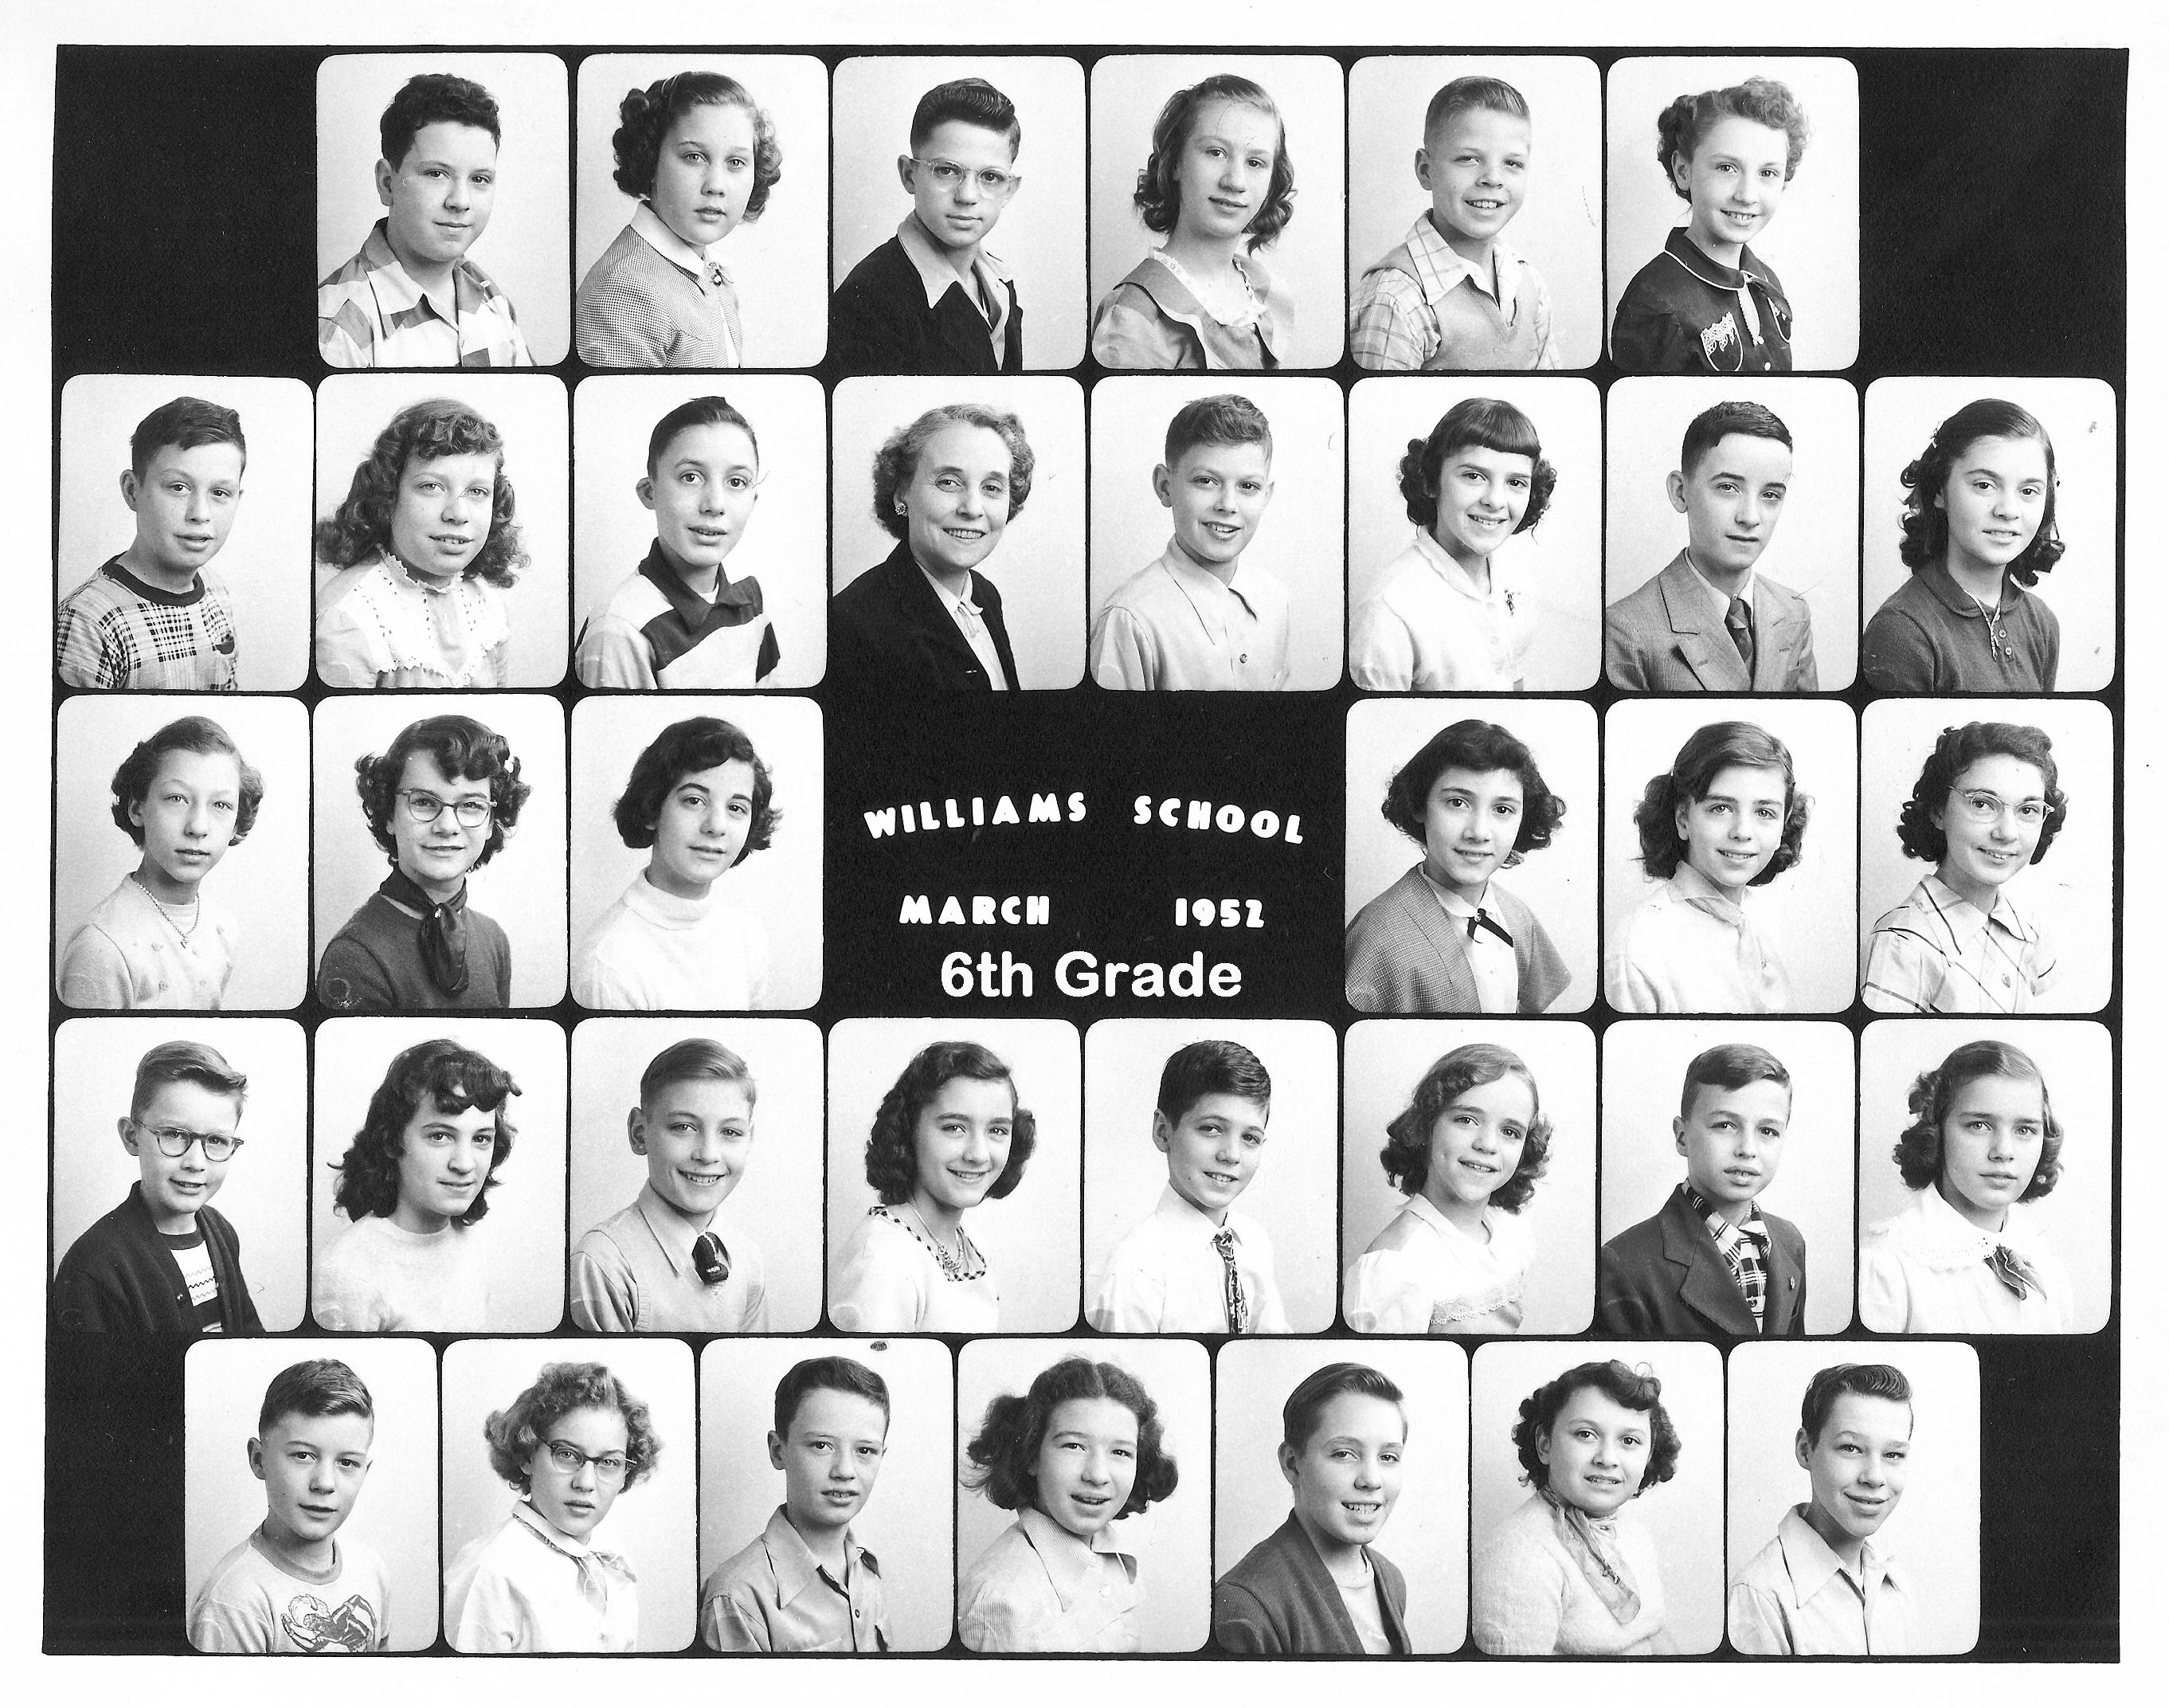 Williams 6th Grade 1952